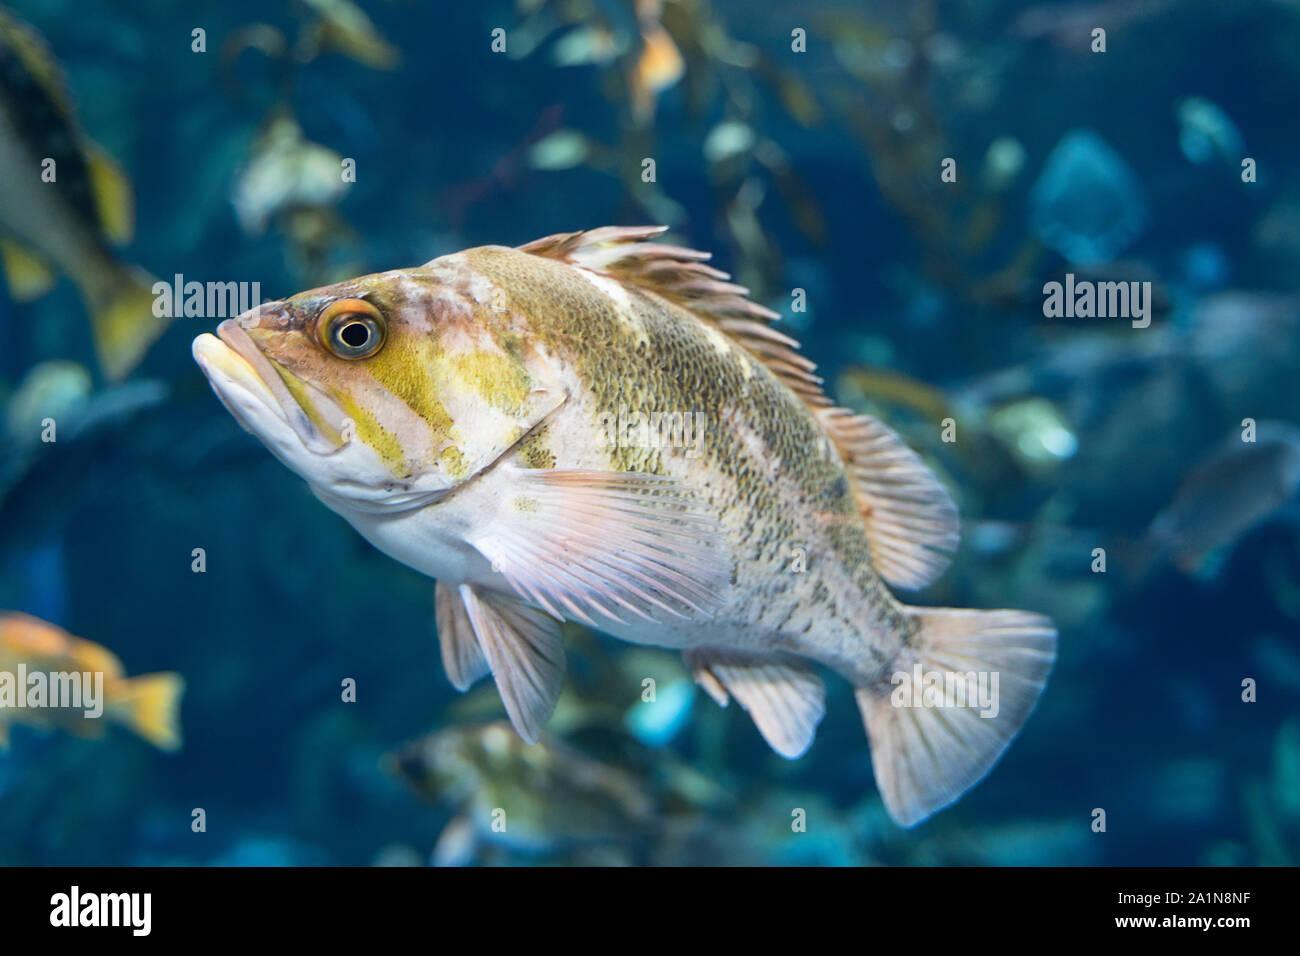 Copper Rockfish (Sebastes Caurinus), Fish, Ripely's Aquarium of Canada Stock Photo